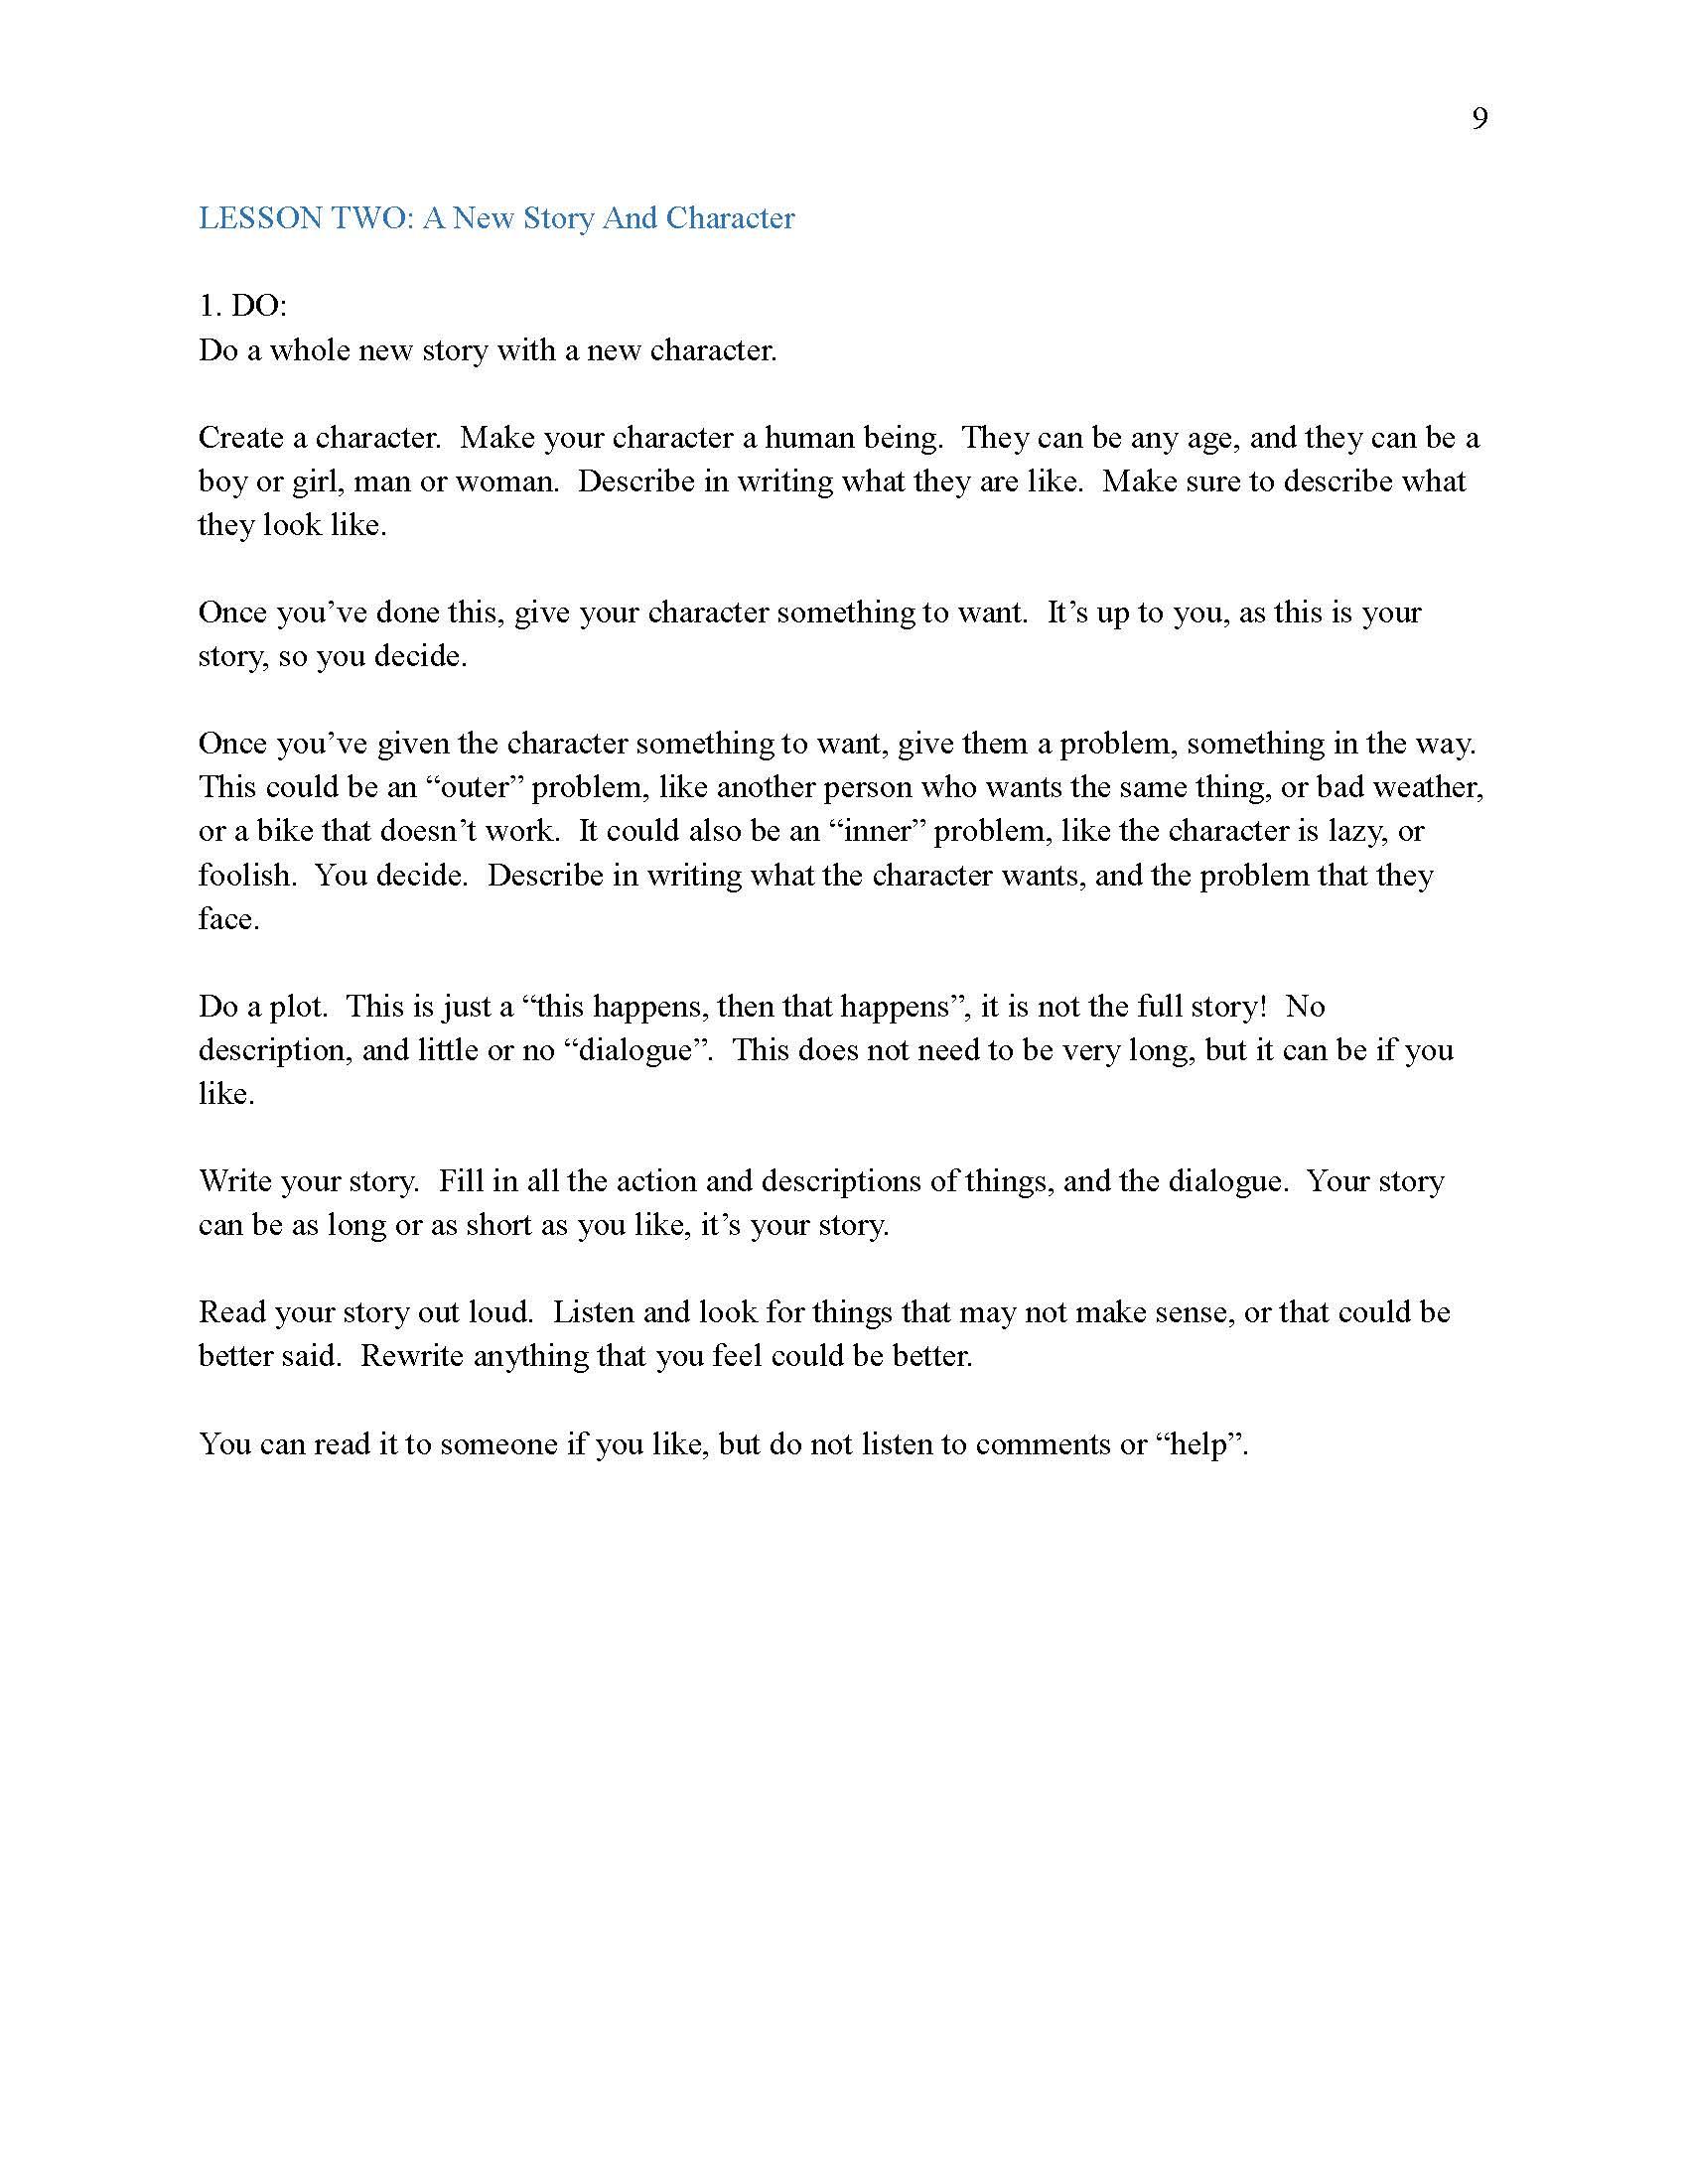 Step 2 Creative Writing 4_Page_10.jpg